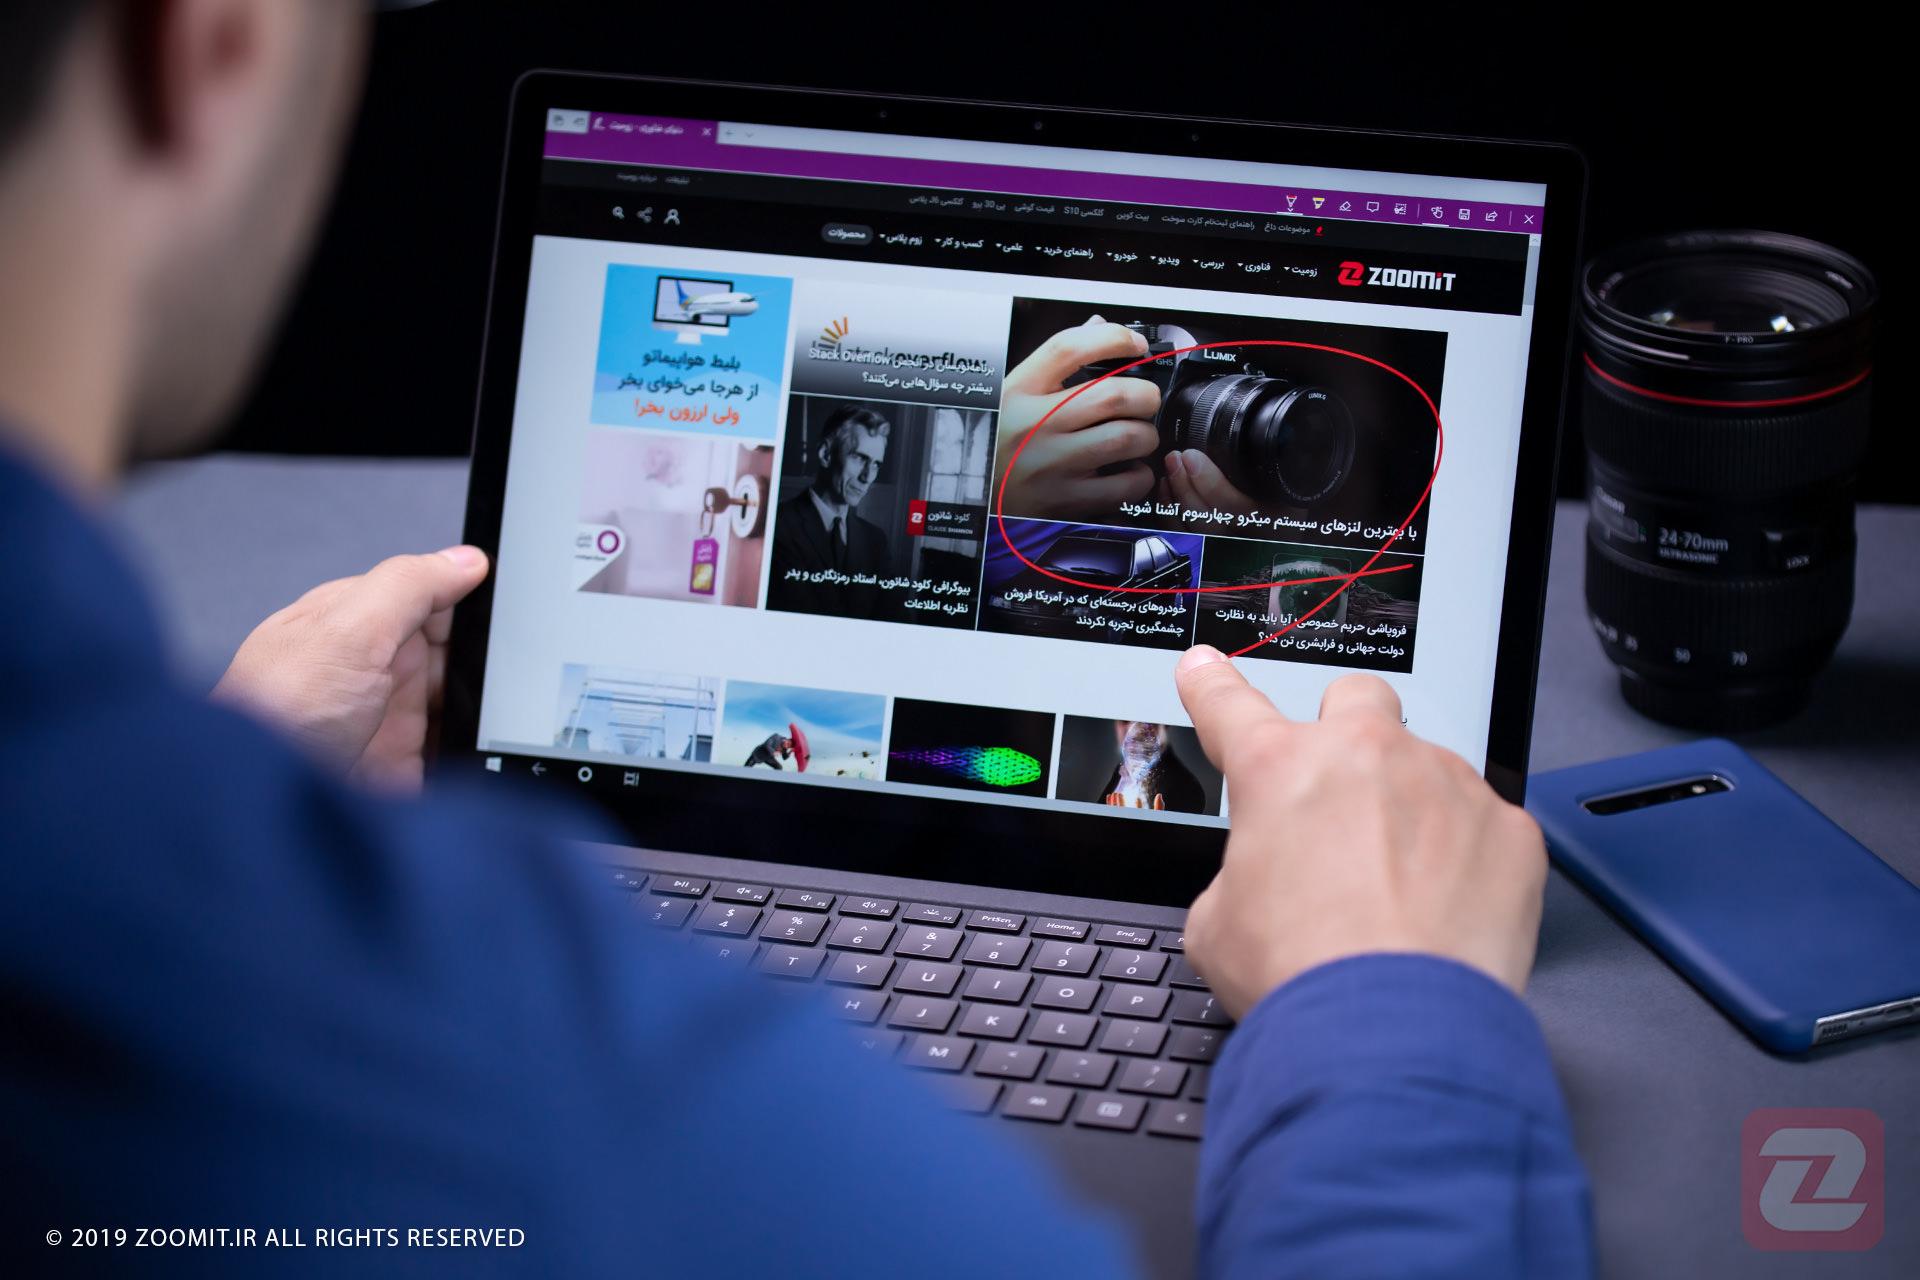 چه دلایلی بهجز کارایی و قدرت برای ارتقاء لپ تاپ وجود دارد